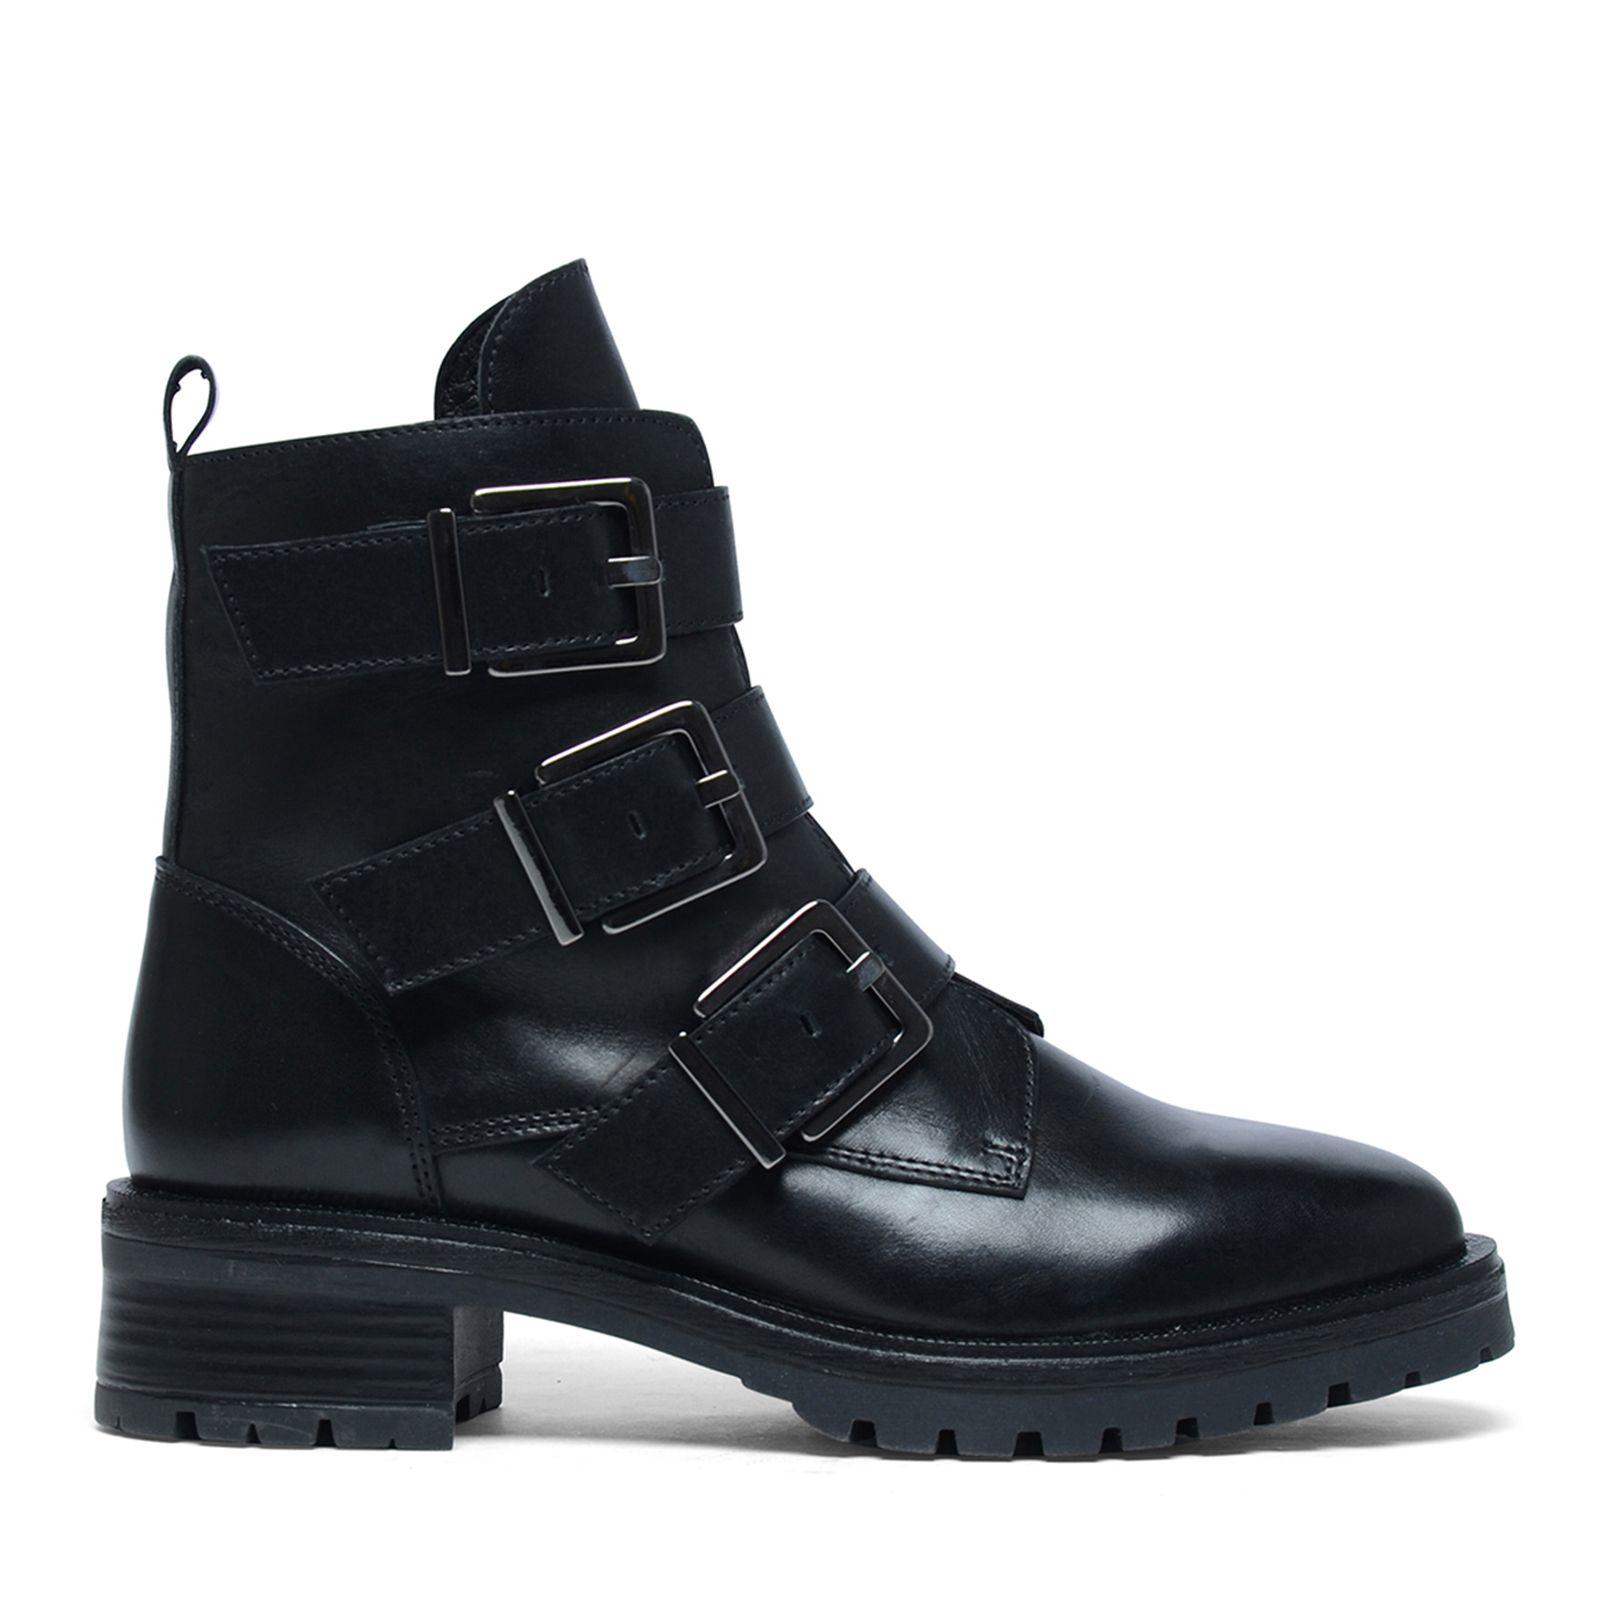 Manfield Zwarte Sneakers Shoppen Online Online Shoppen Sneakers Zwarte qPUc0